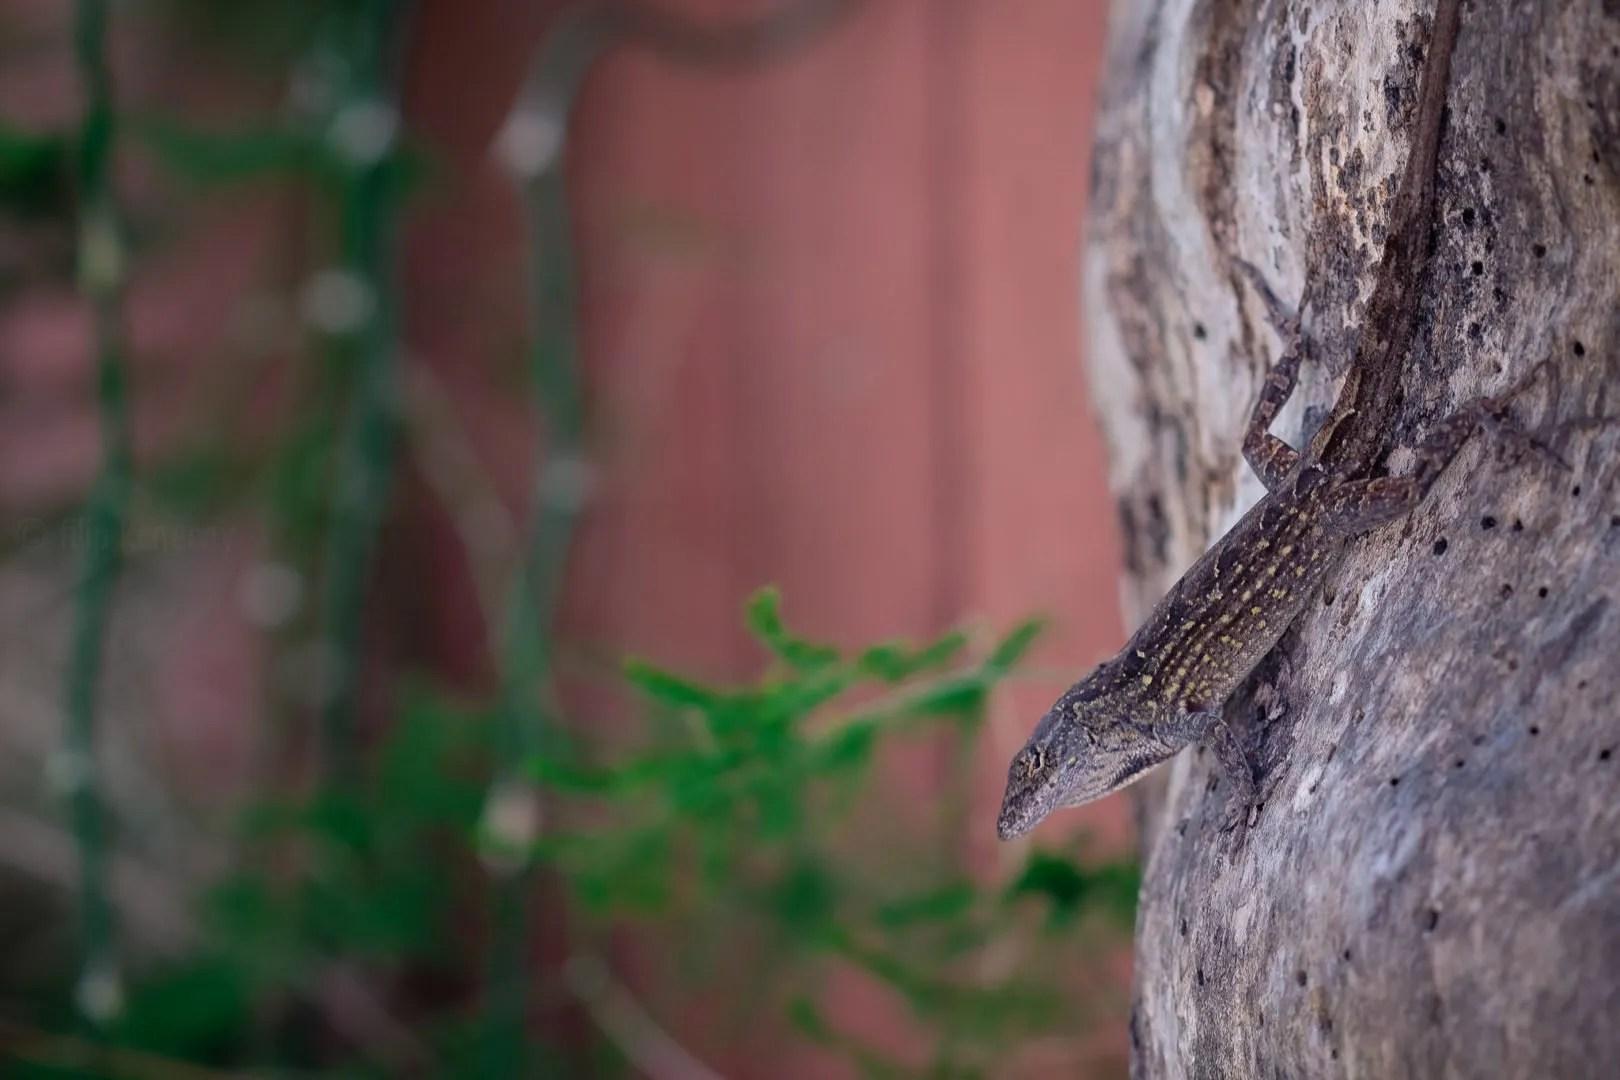 lizard blending on a tree trunk